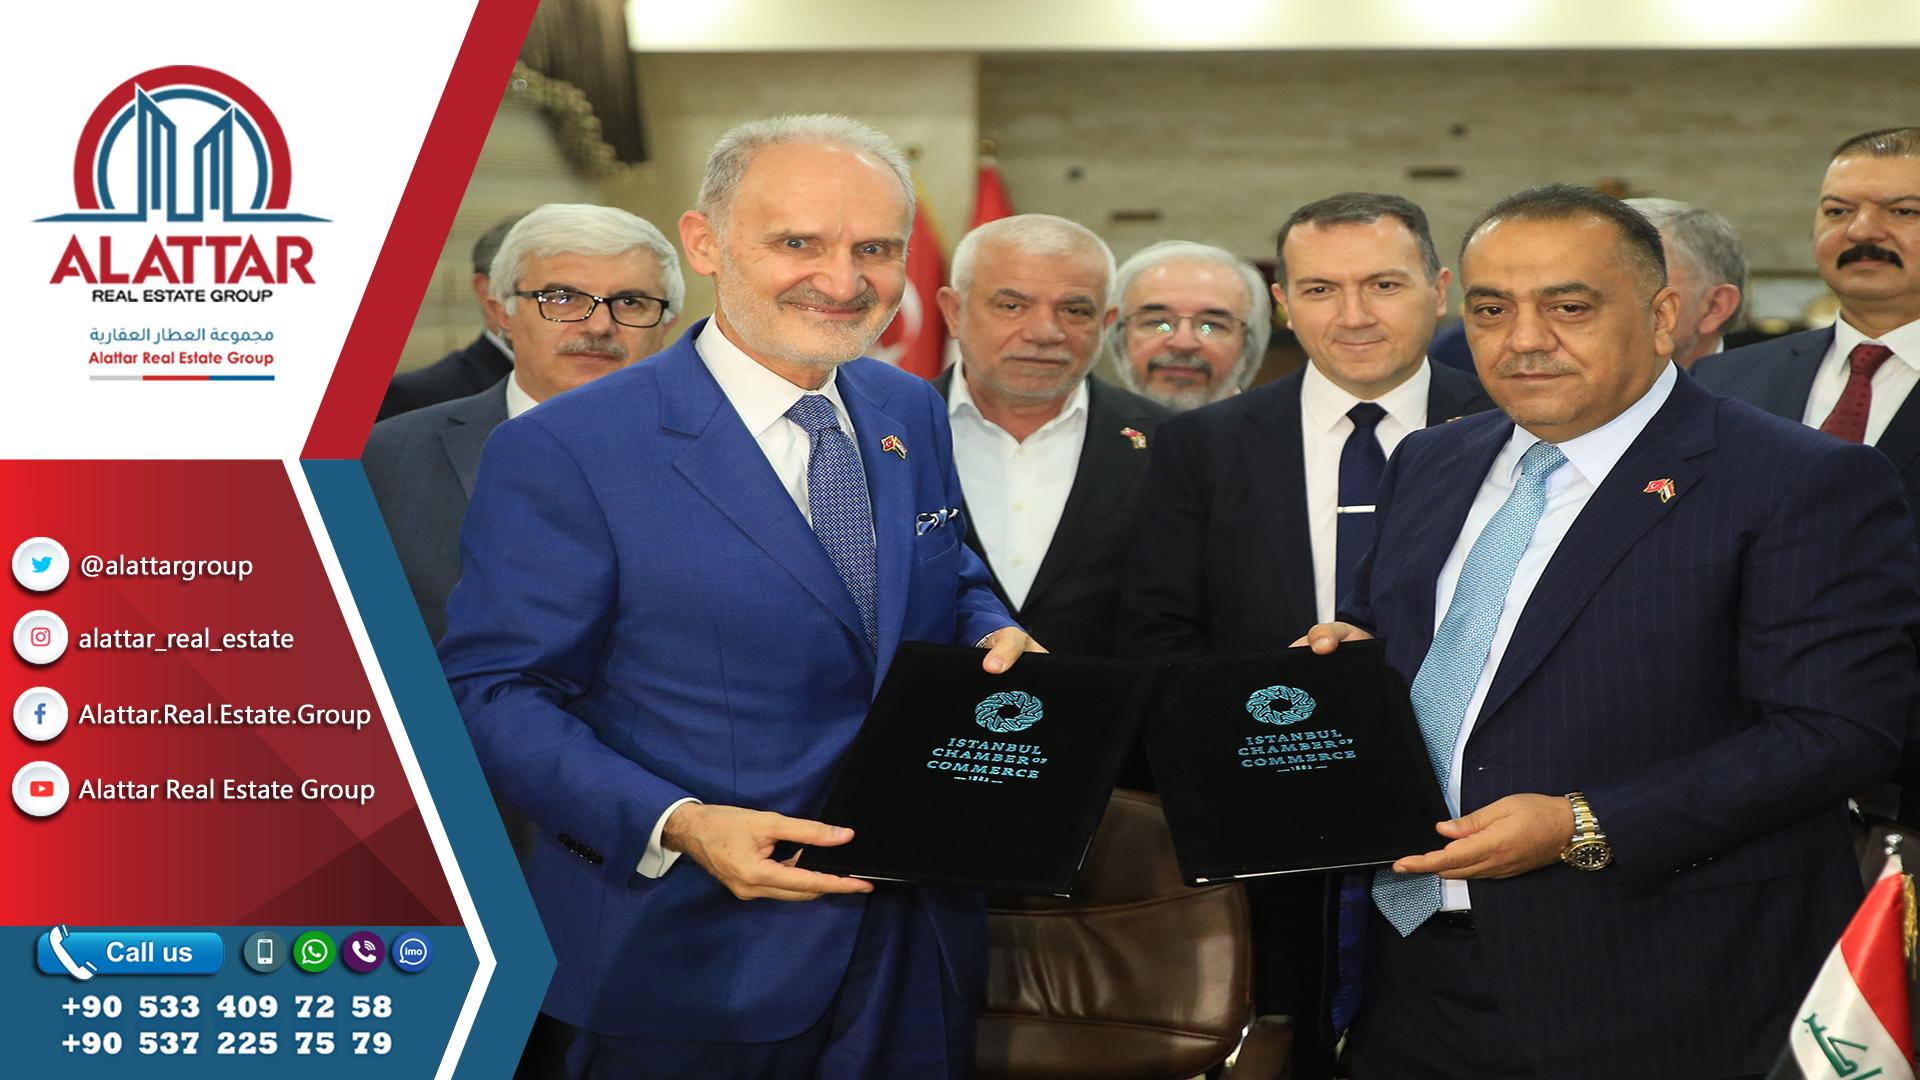 غرفة تجارة اسطنبول ونظيرتها في بغداد توقعان مذكرة تفاهم لتعزيز التعاون